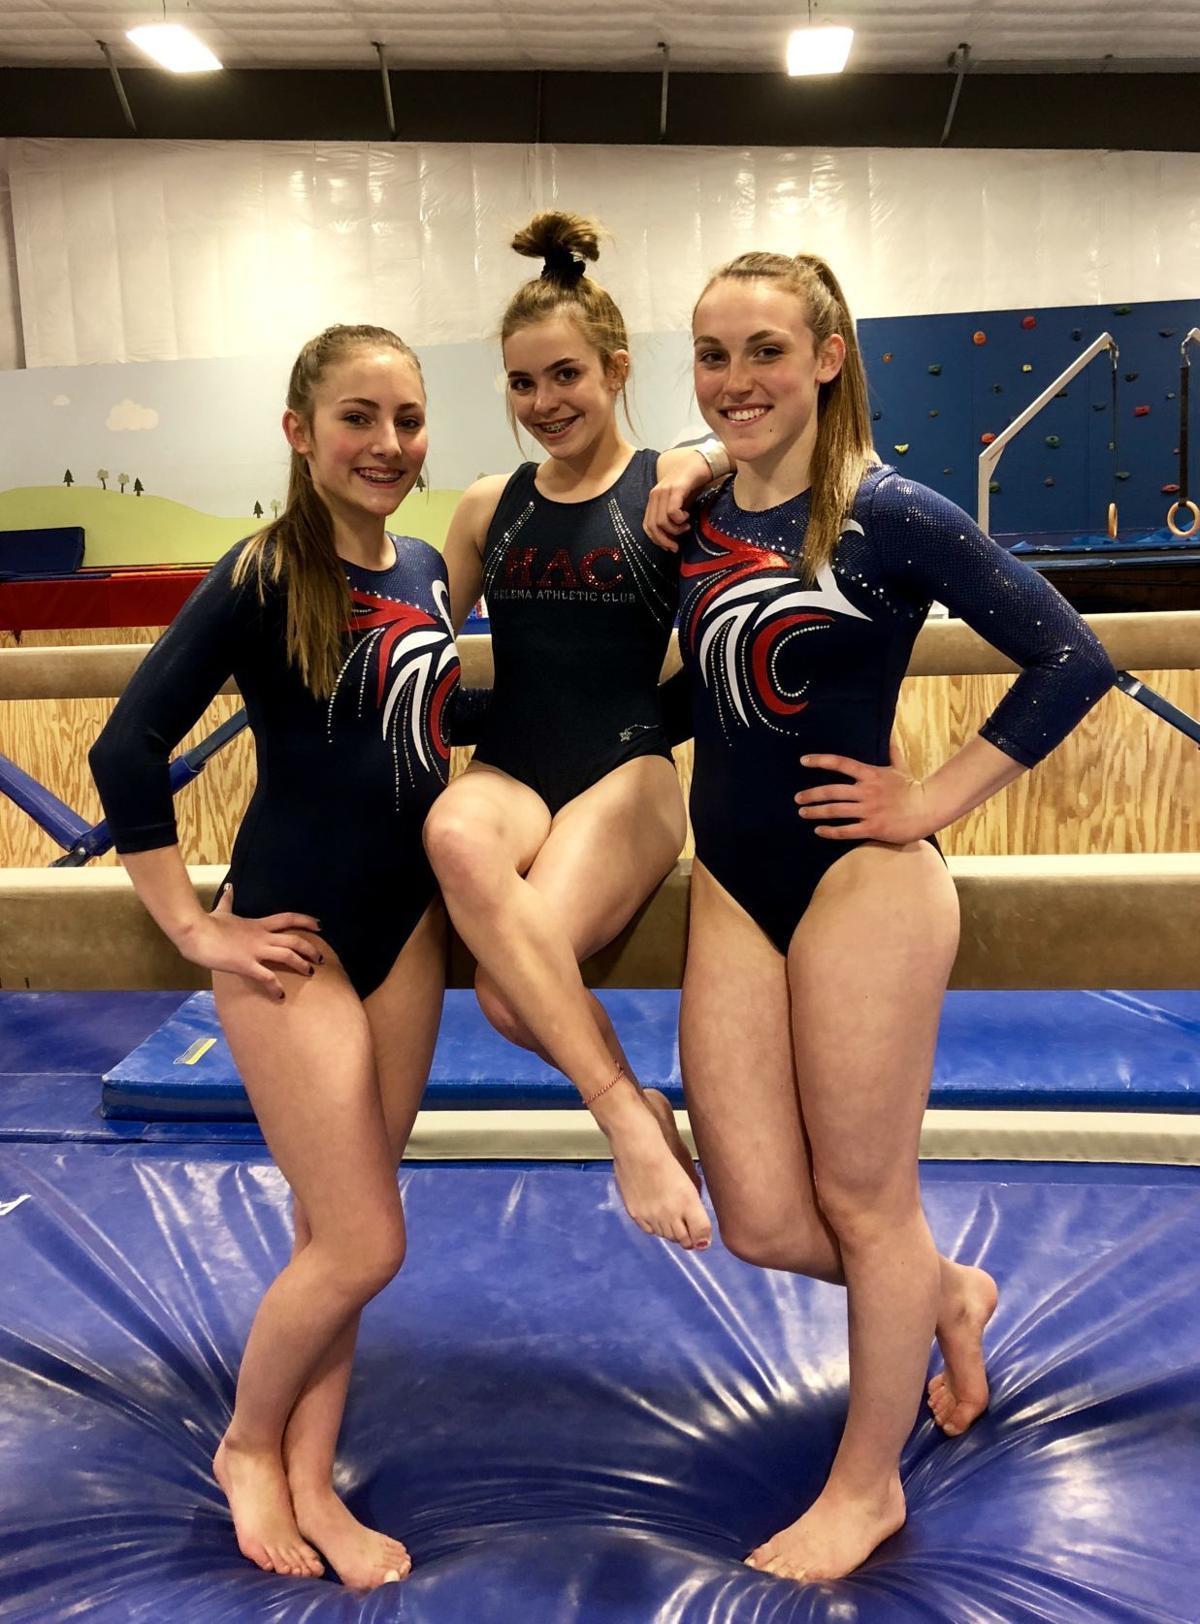 Three Helena Athletic Club Gymnasts Ready For Regional